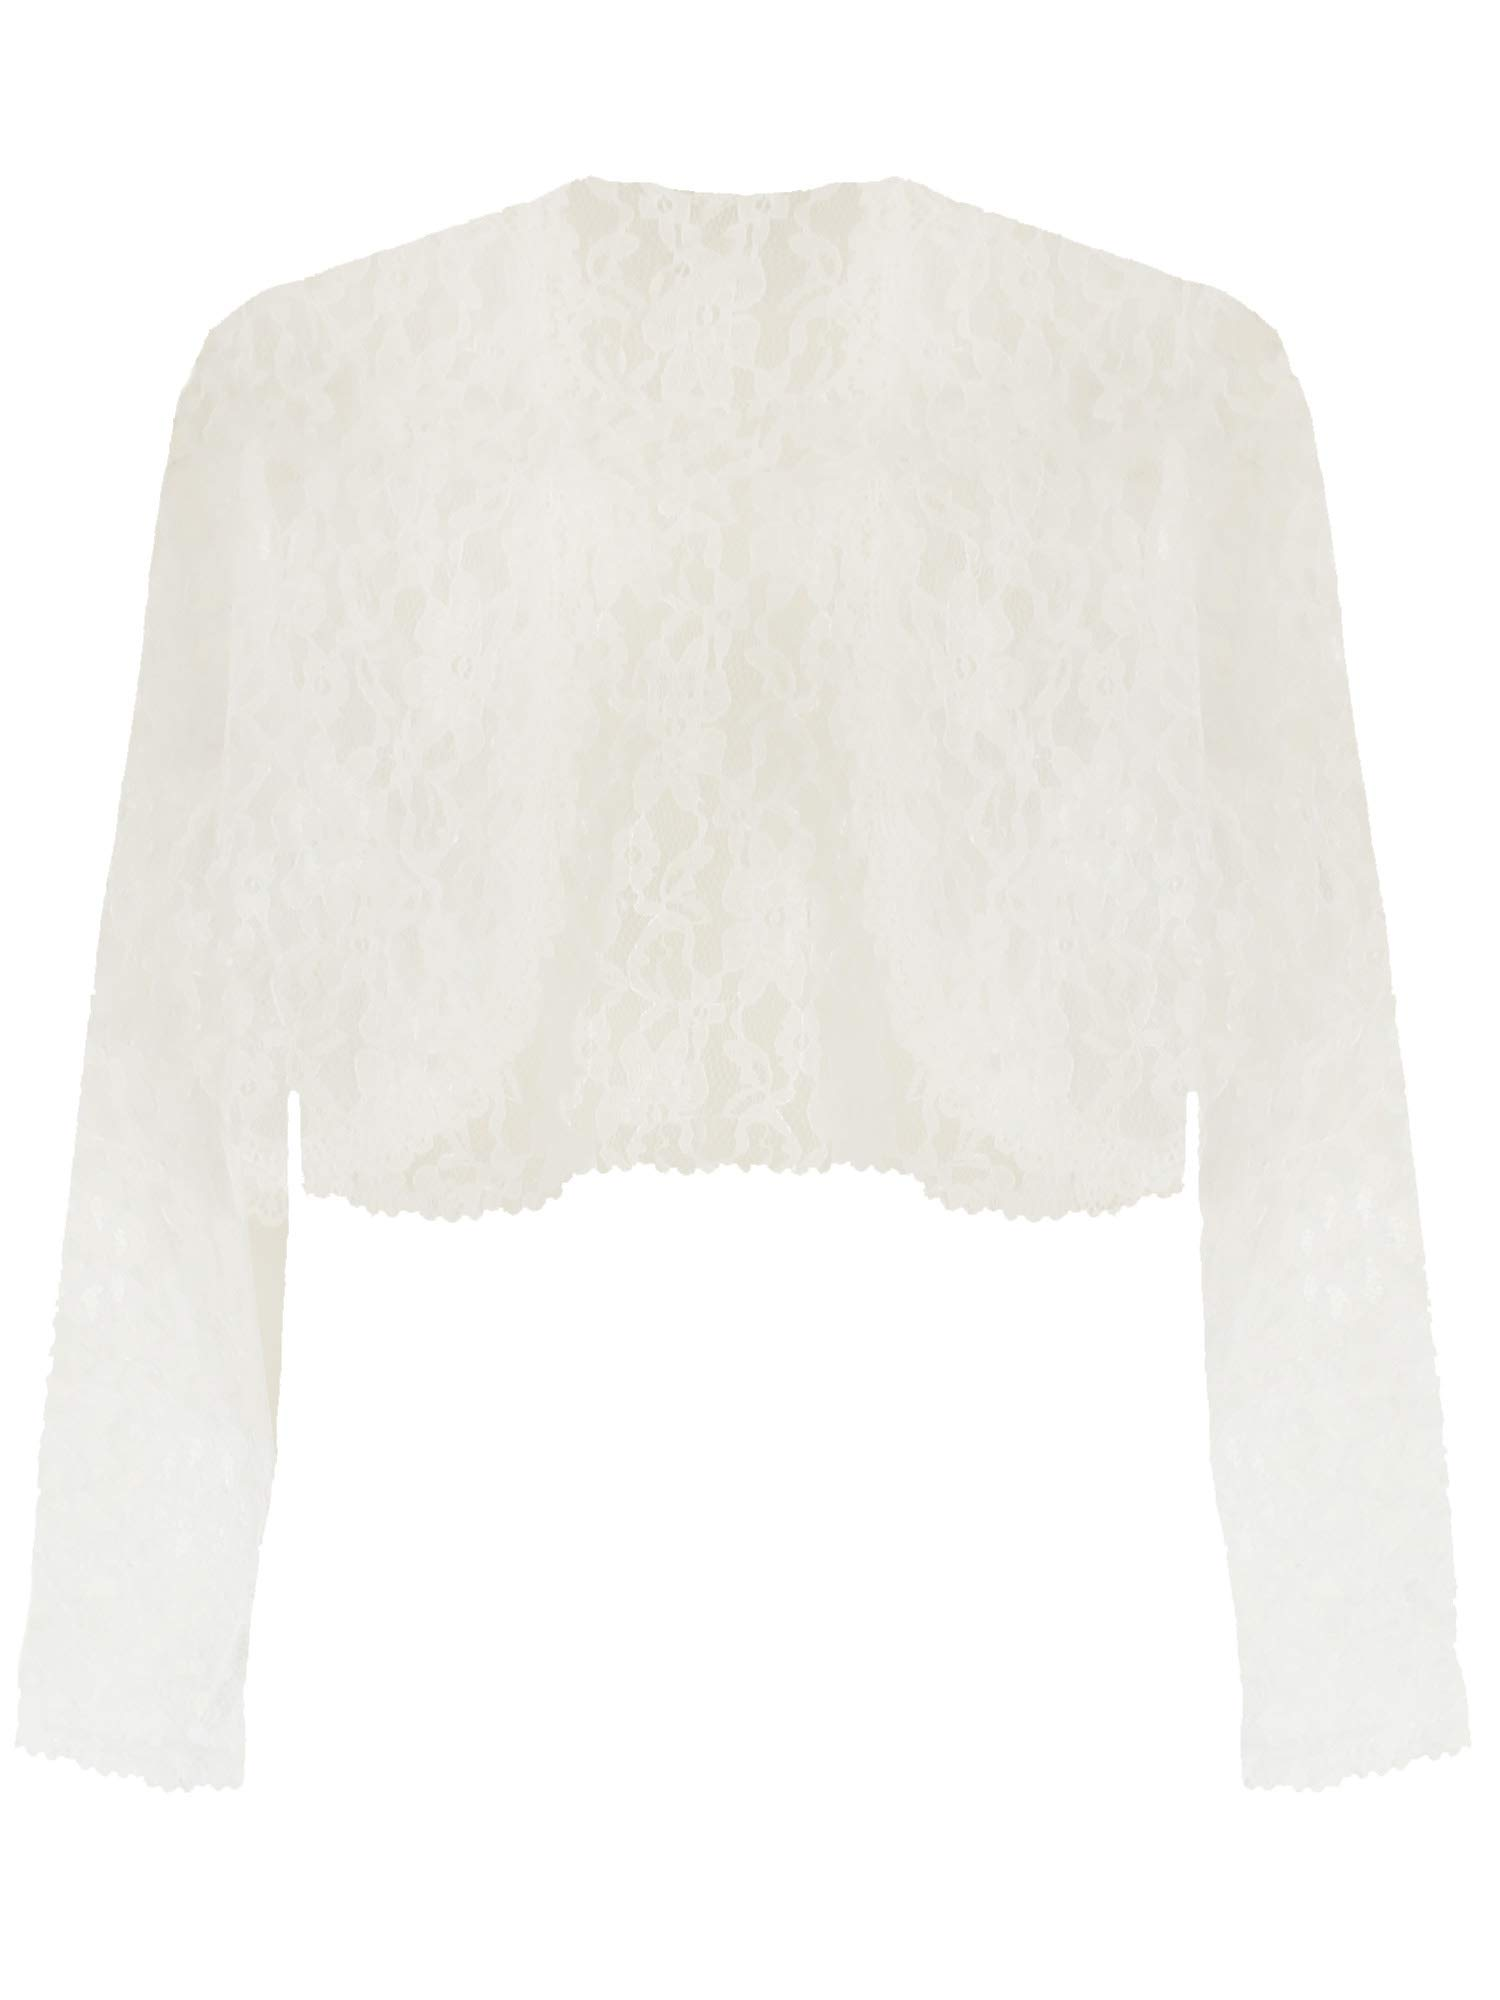 Long Sleeve Dressy Lace Cropped Bolero Shrug Jacket